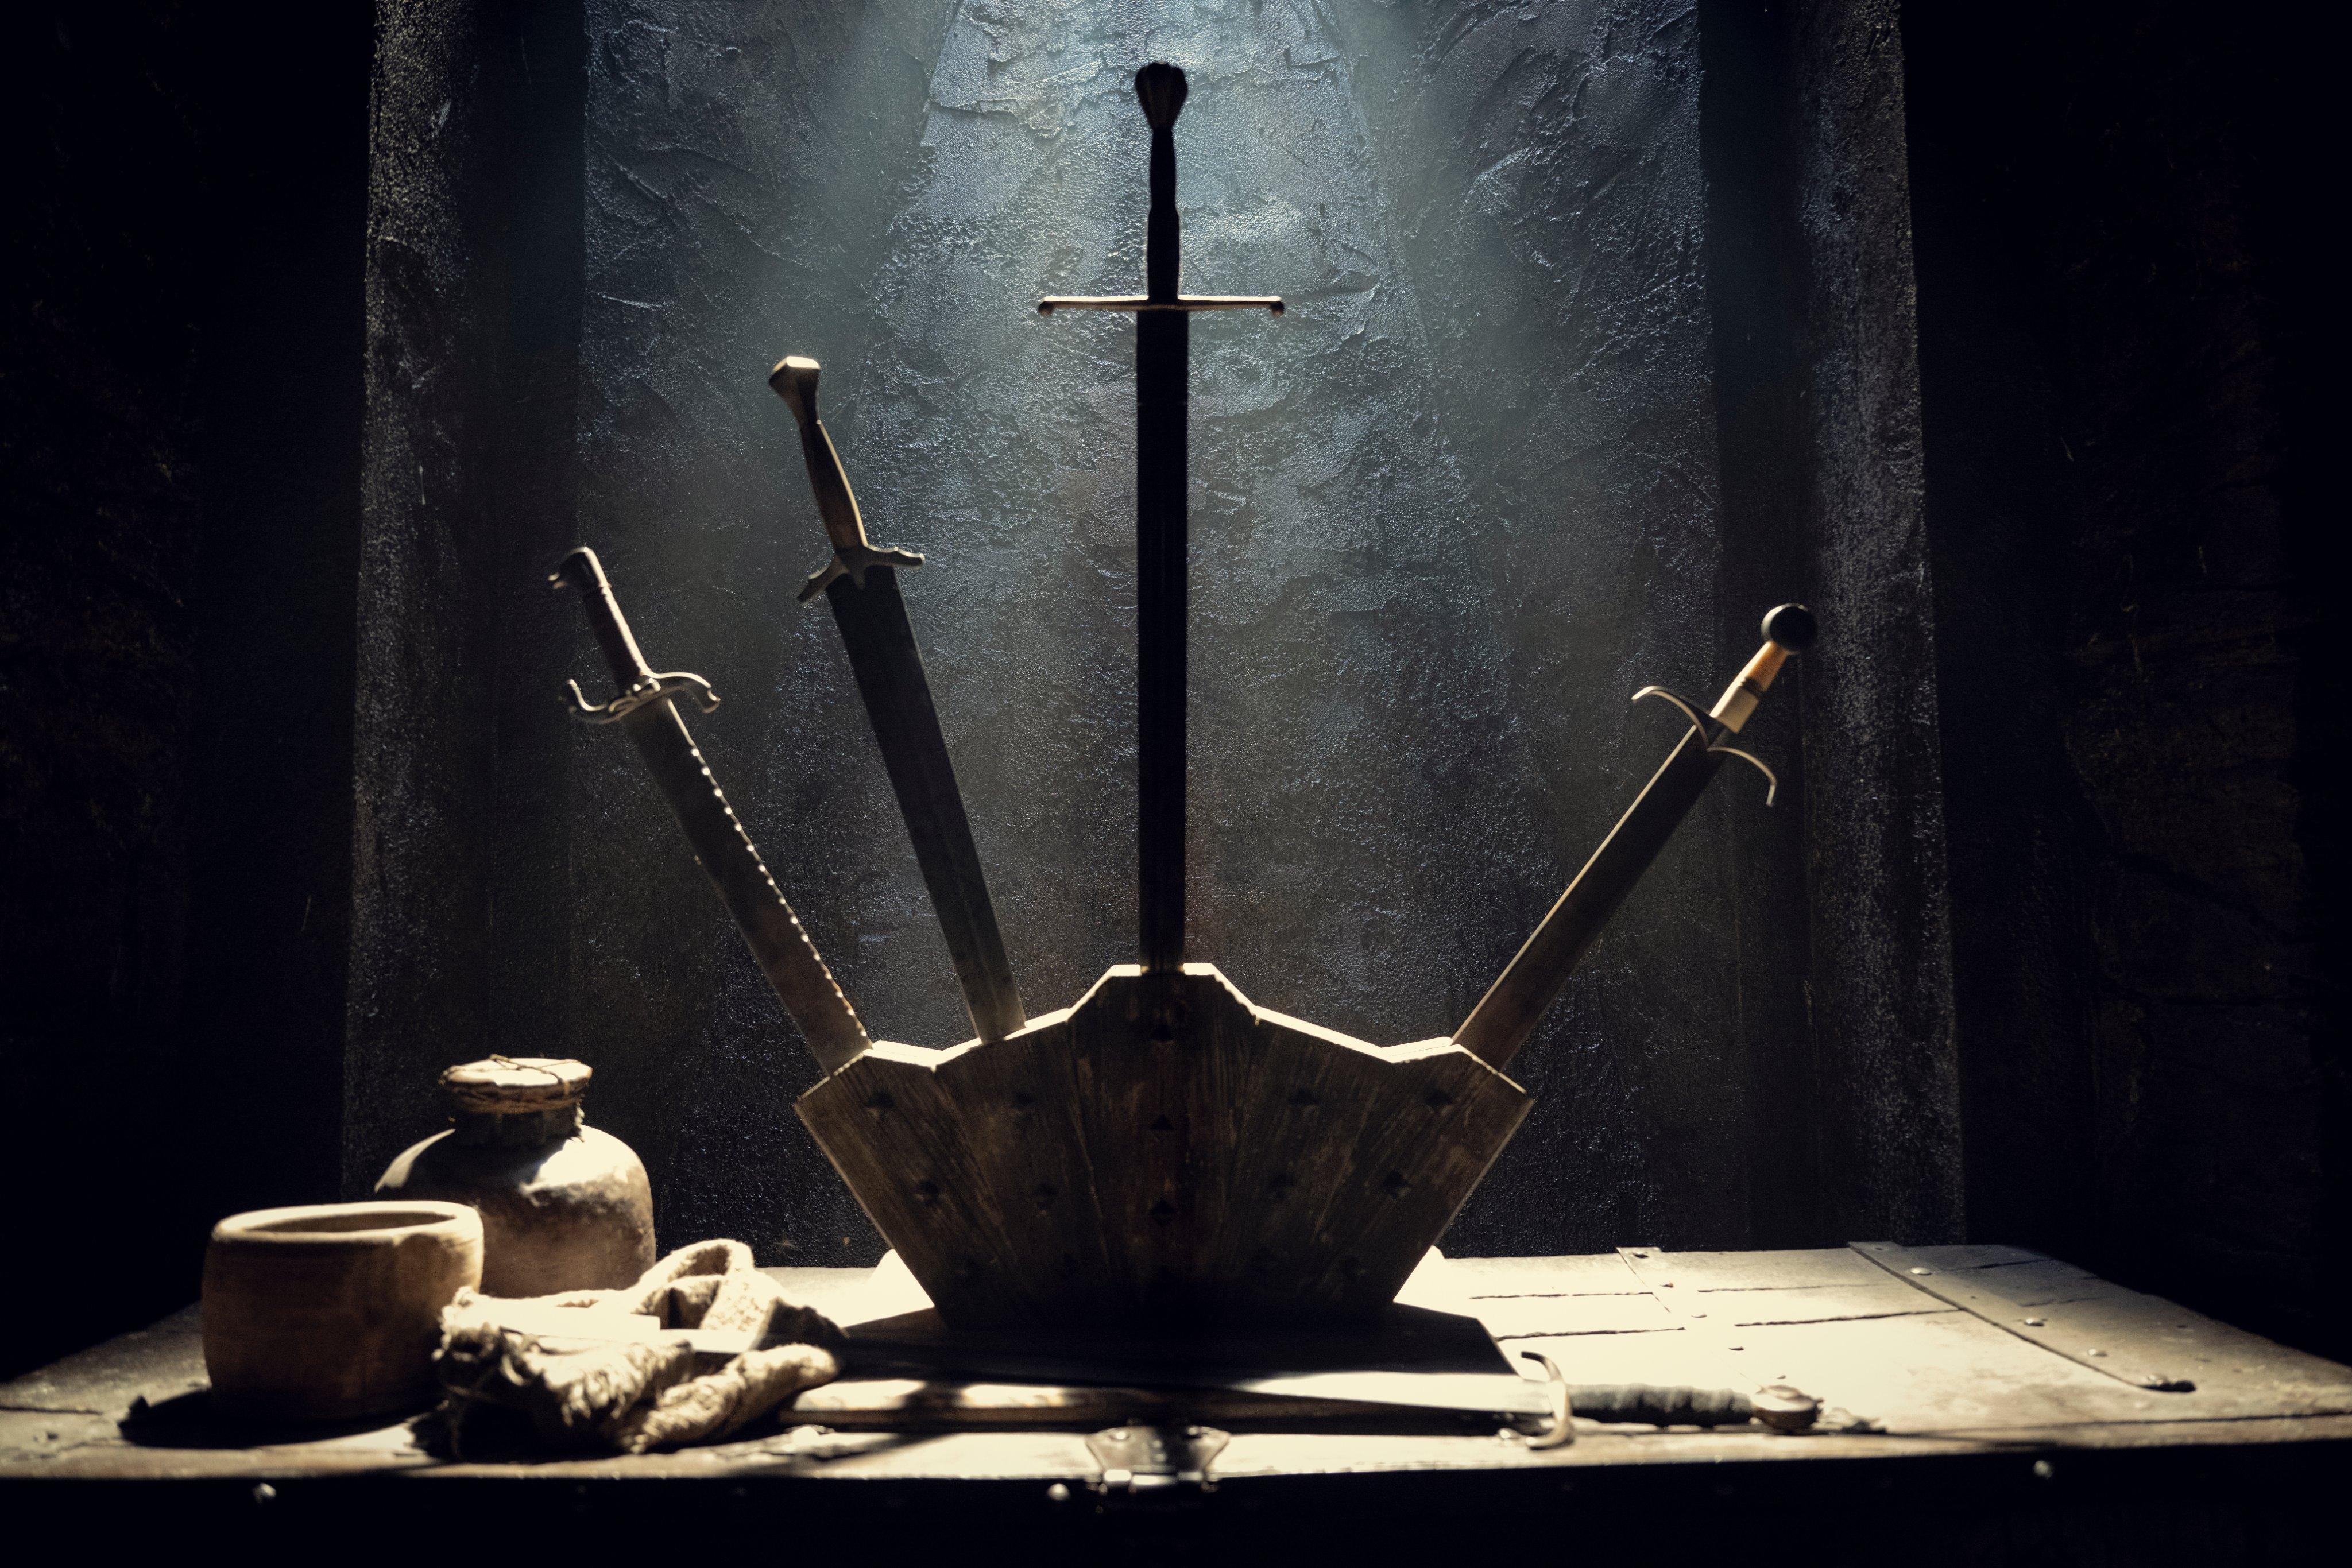 《巫师》第二季场景照公开 展示武器架、挂坠等物品